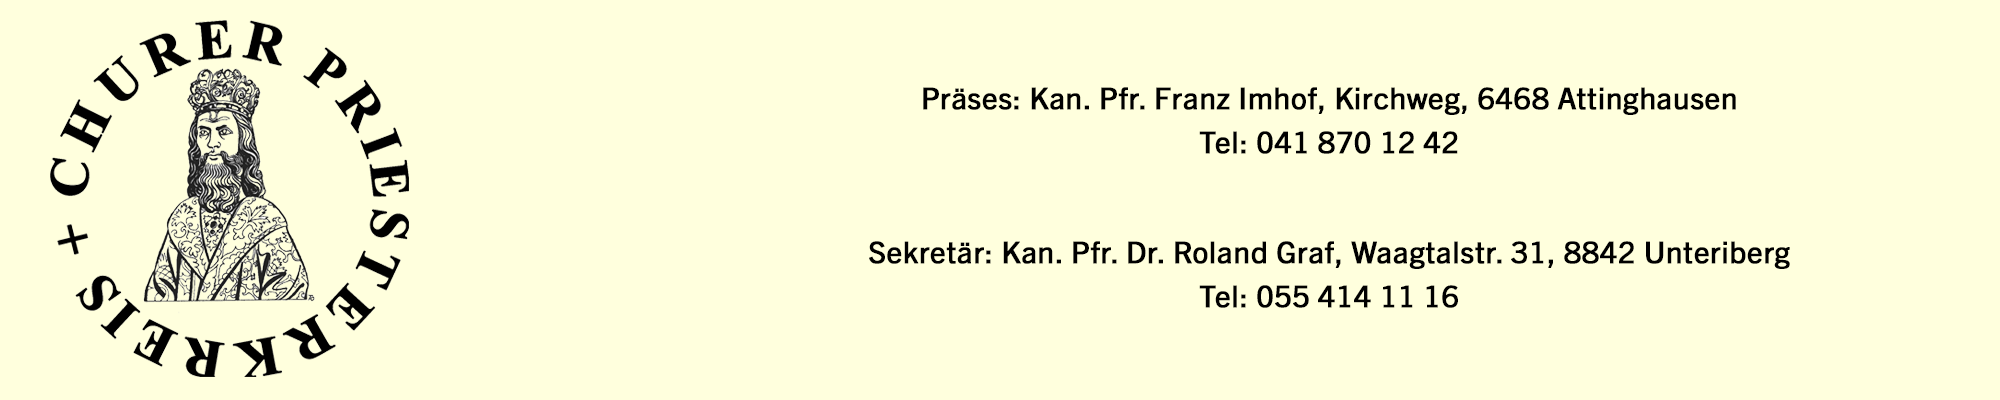 Churer Priesterkreis